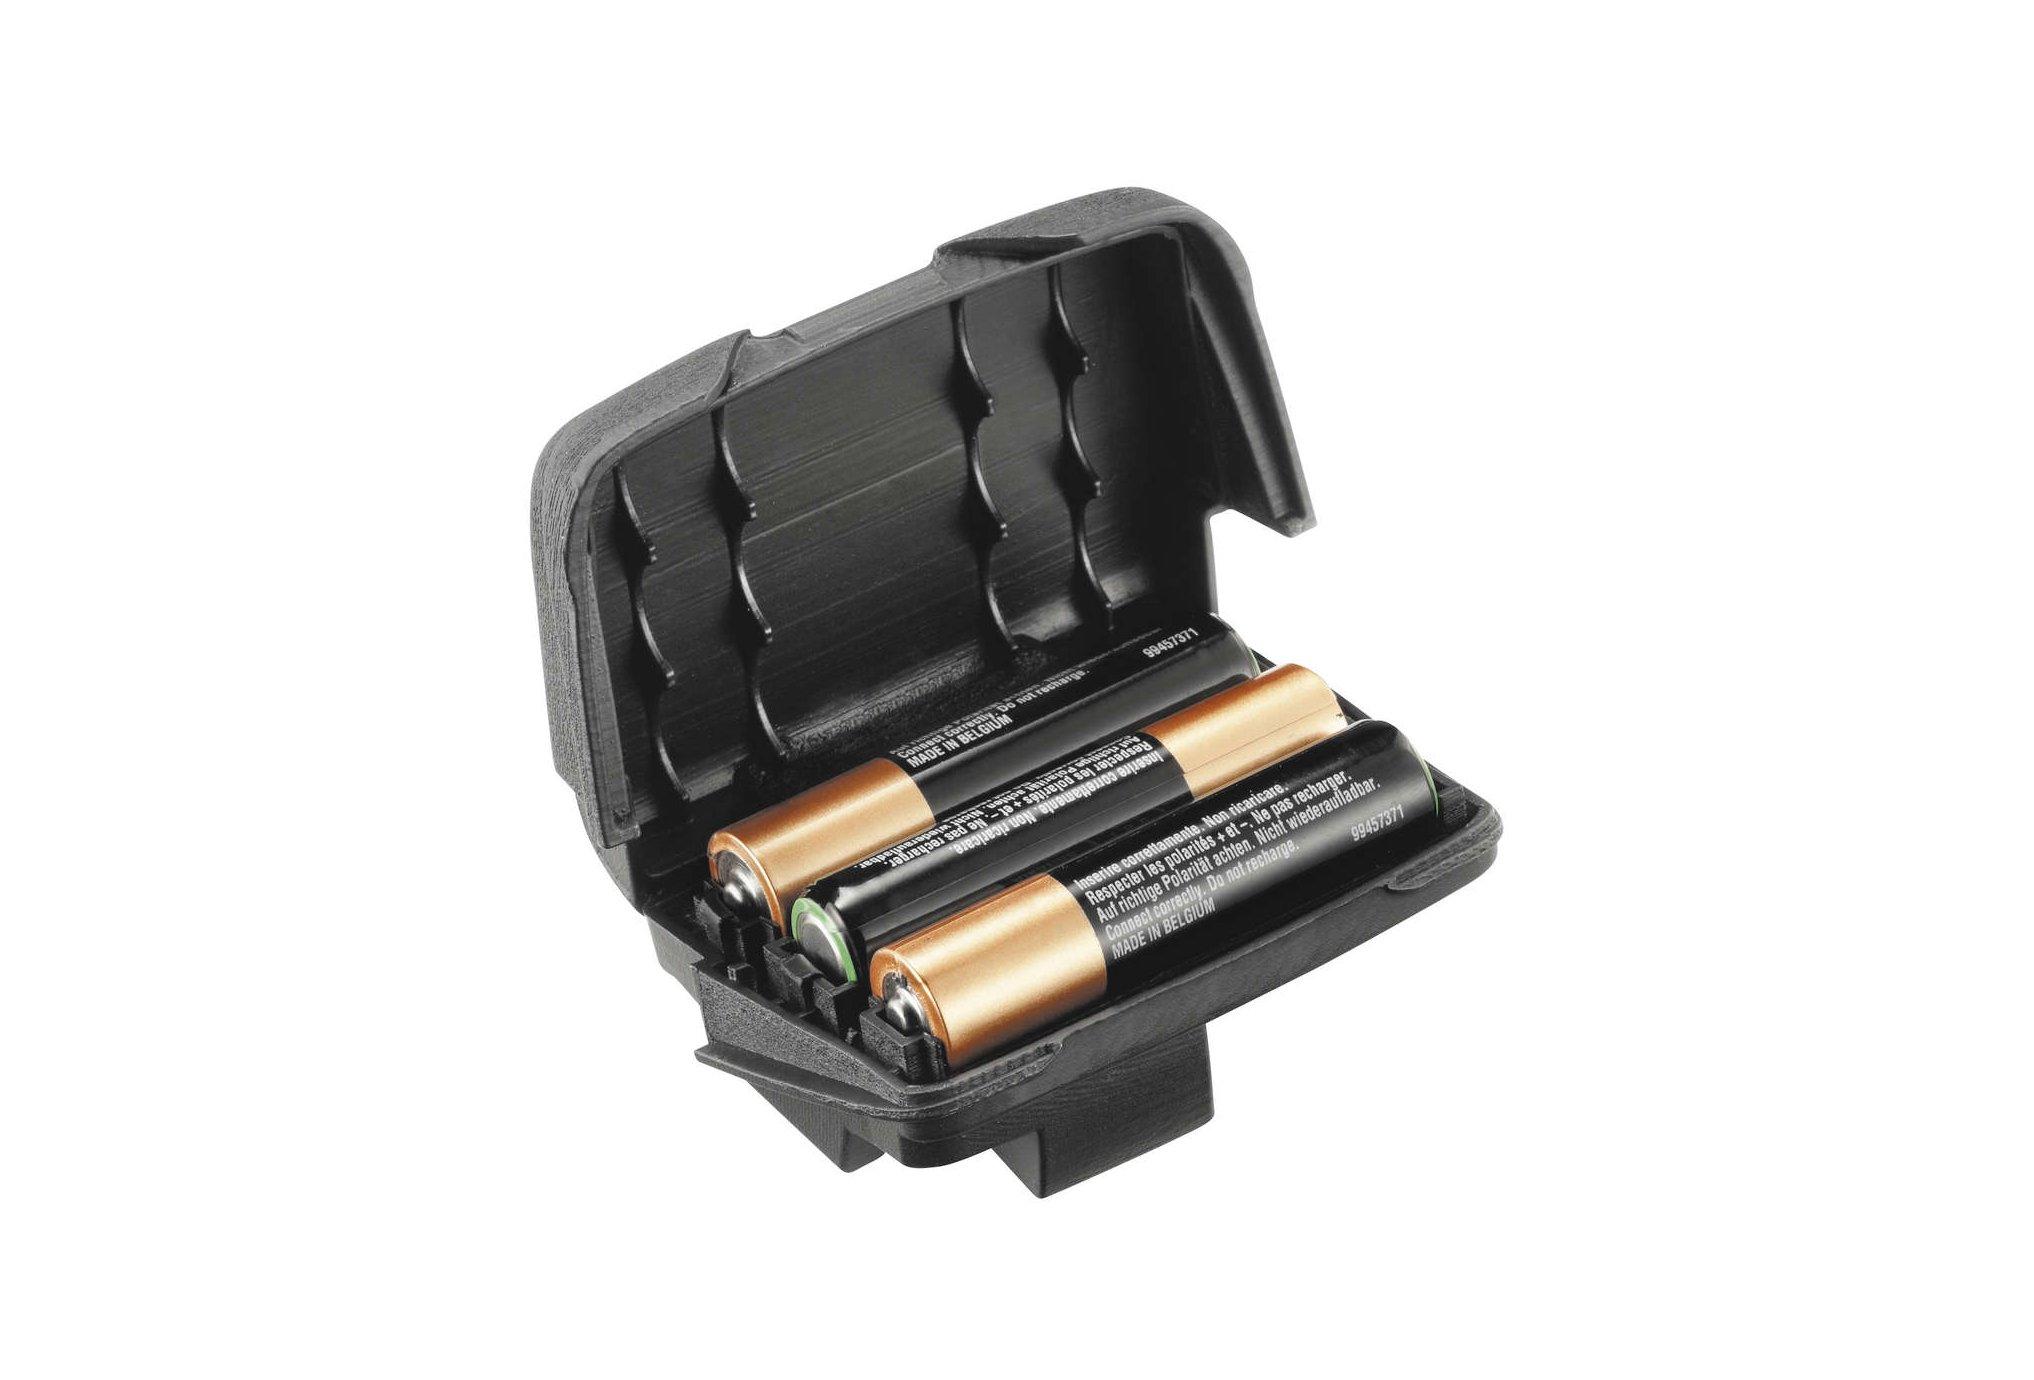 Petzl Batterie pile Reactik/Reactik + Lampe frontale / éclairage